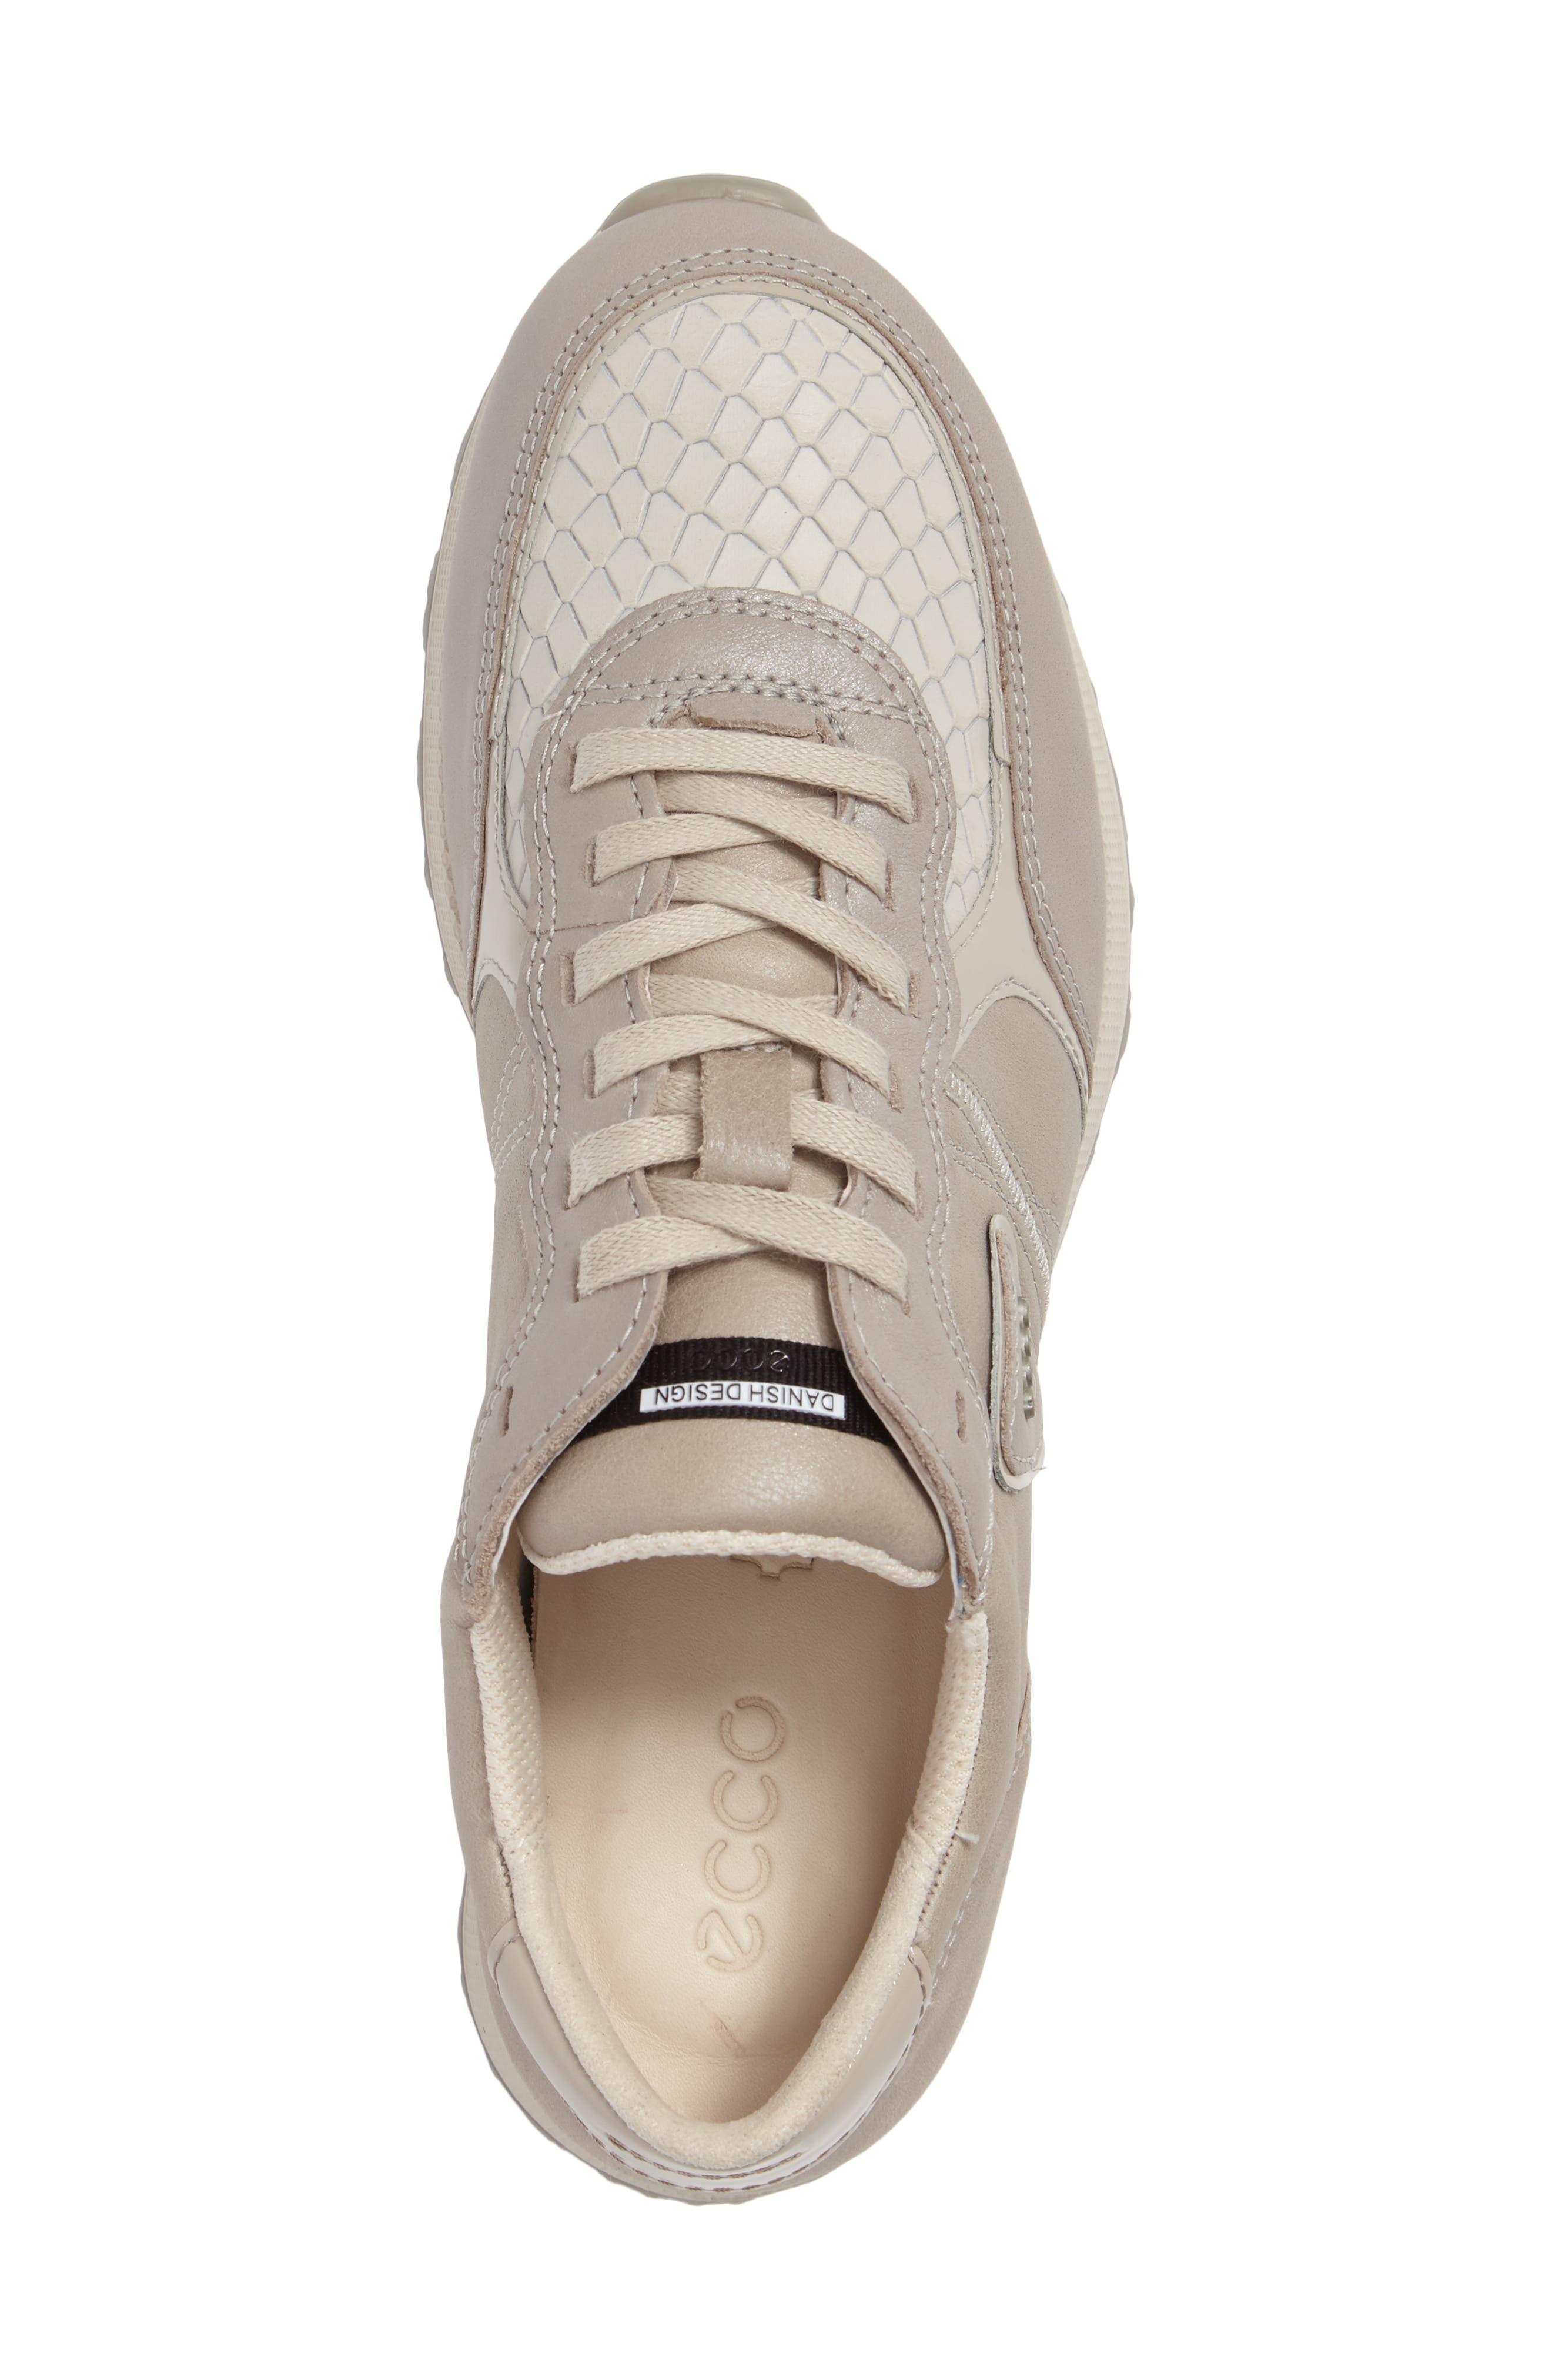 Retro Sneaker,                             Alternate thumbnail 5, color,                             GRAVEL/ WHITE LEATHER